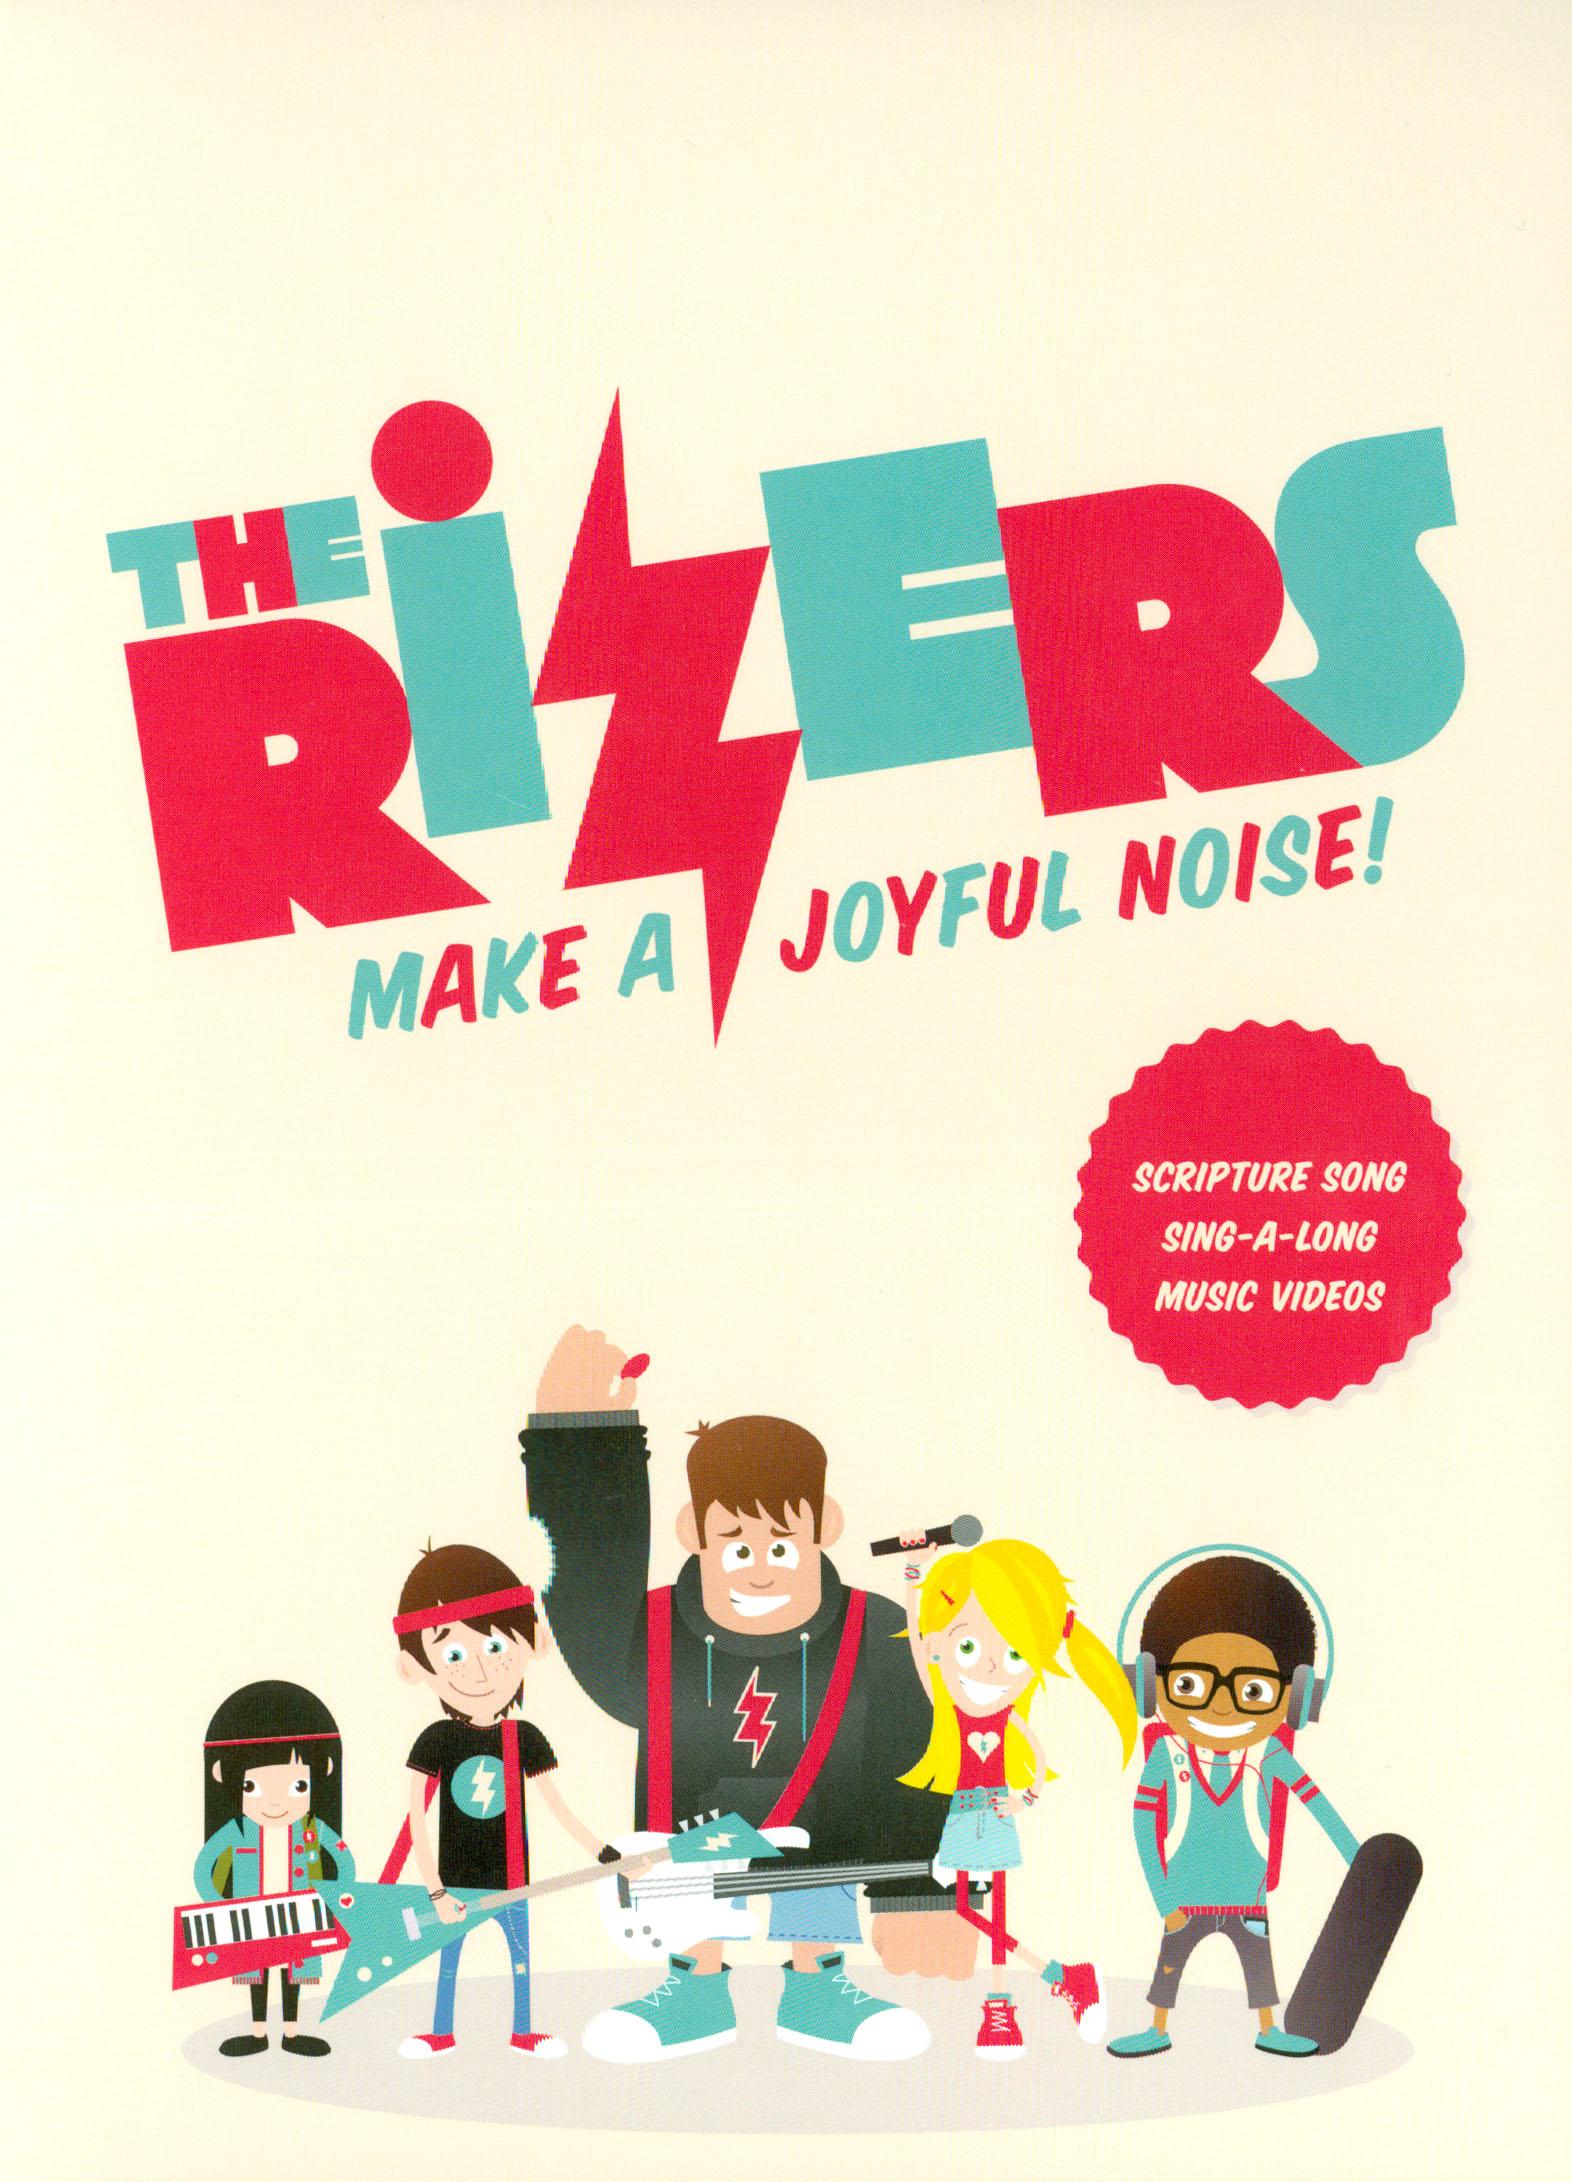 The Rizers: Make a Joyful Noise!